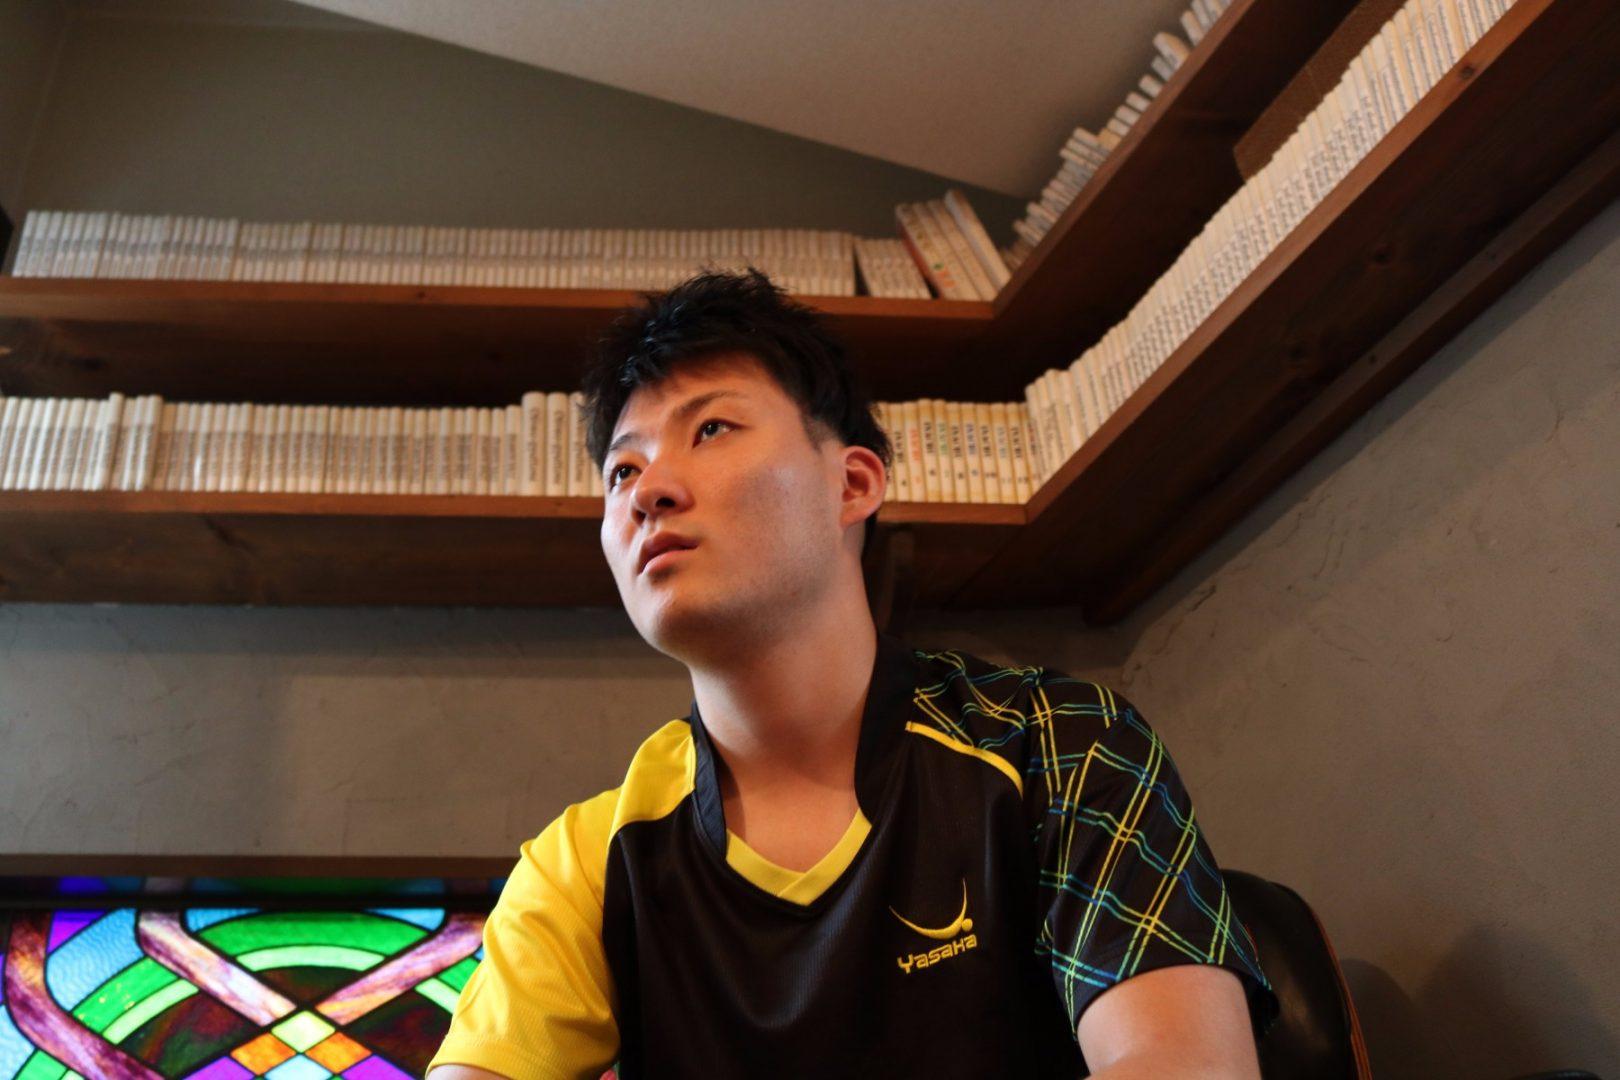 「牧師」か「卓球選手」か。 独創的なカットマン英田理志のキャリアを変えた塩野の一言とは?【前編】